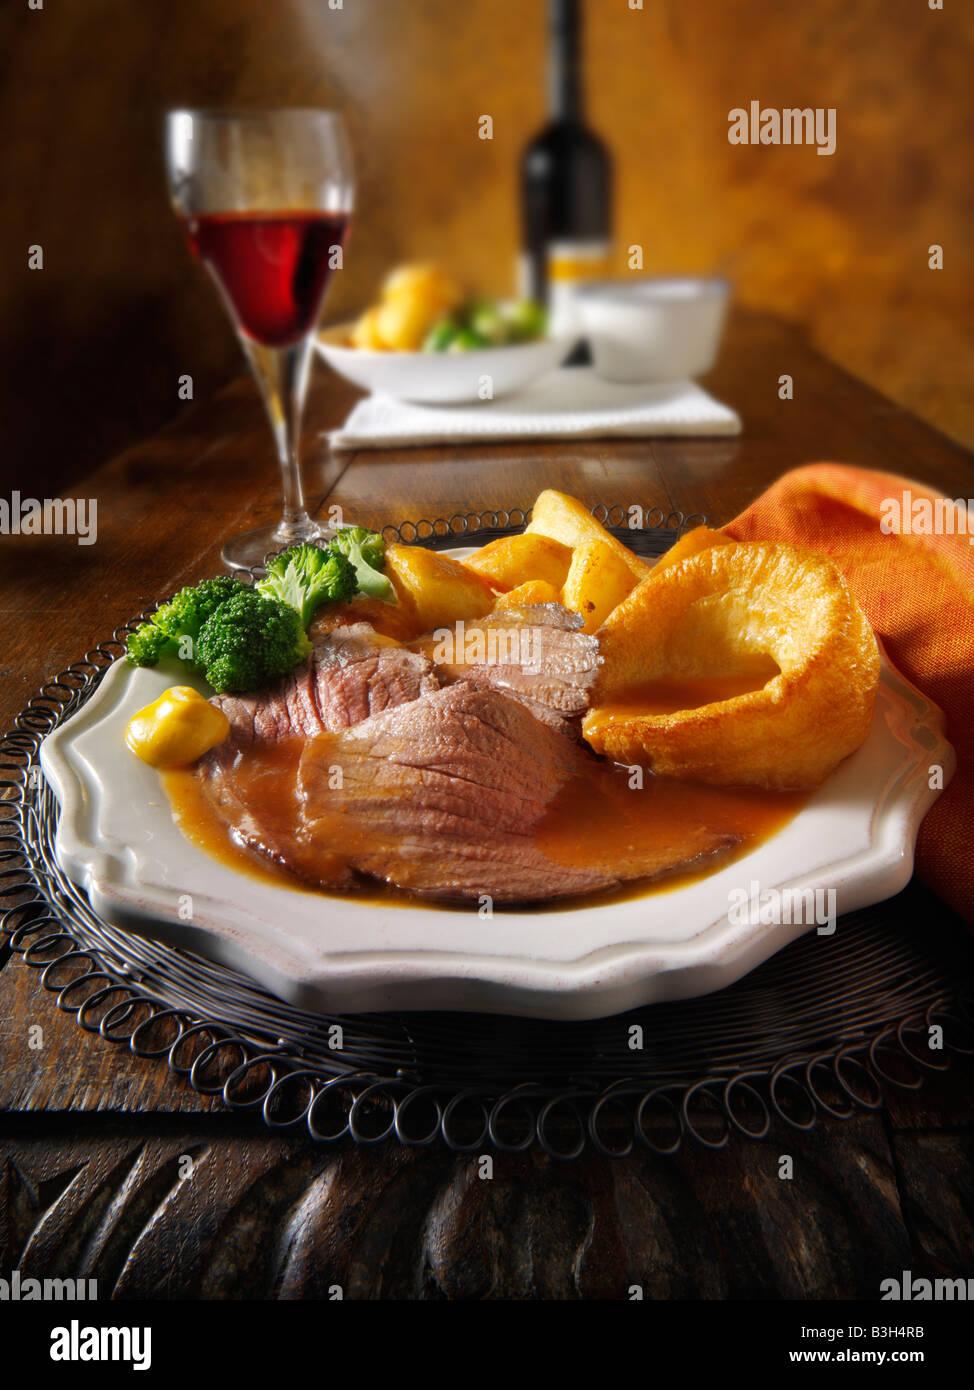 Traditionelle britische Braten Abendessen mit Roastbeef, Bratkartoffeln, Yorkshire Pudding. 21 Tage hing Stockbild